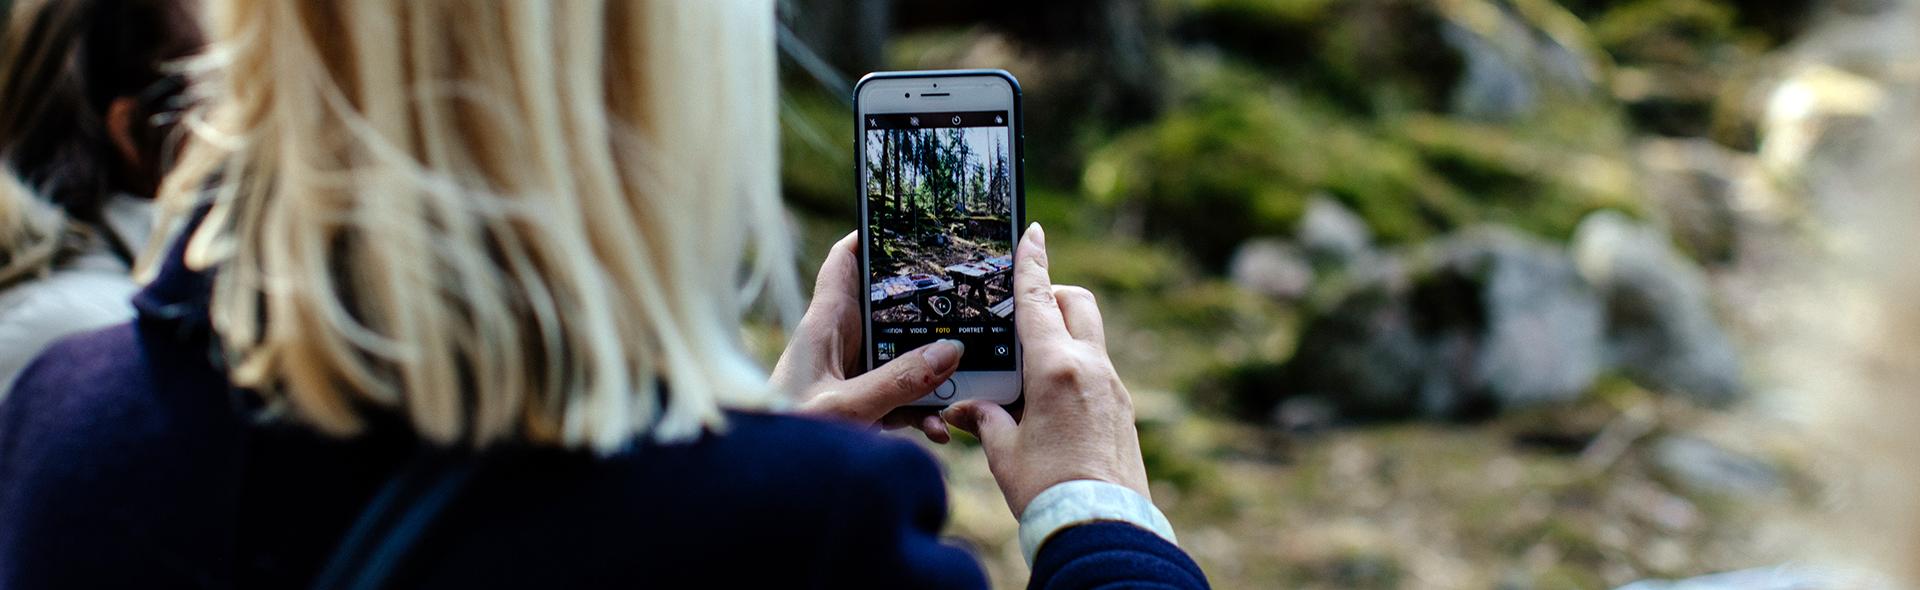 Nainen kuvaa kännykällä metsämaisemaa.